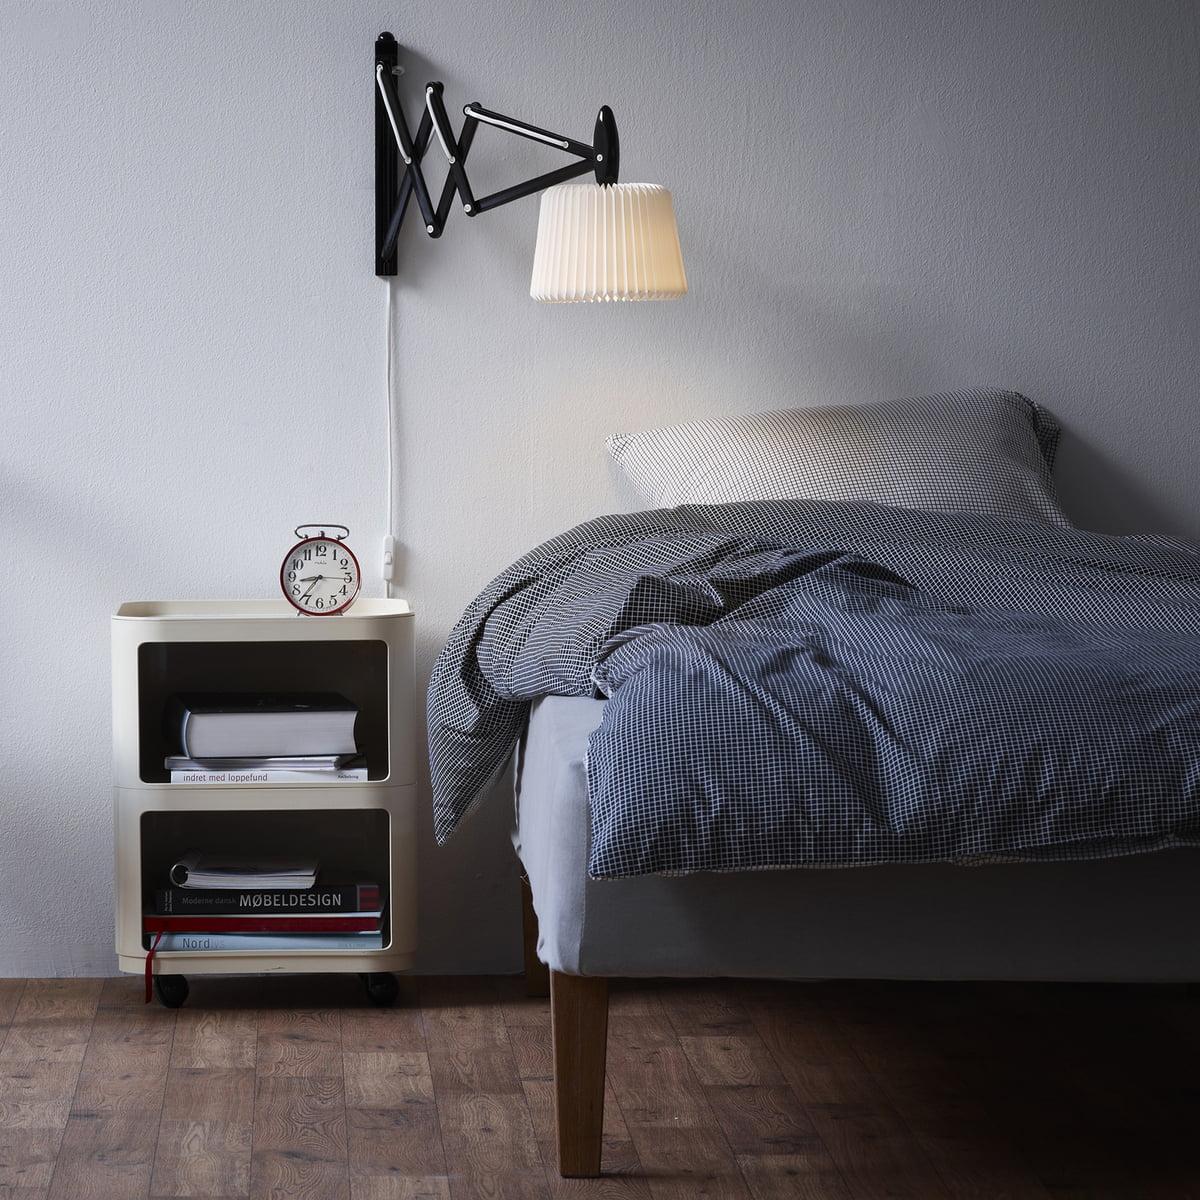 achetez la lampe sax 334 de le klint dans l 39 e boutique. Black Bedroom Furniture Sets. Home Design Ideas